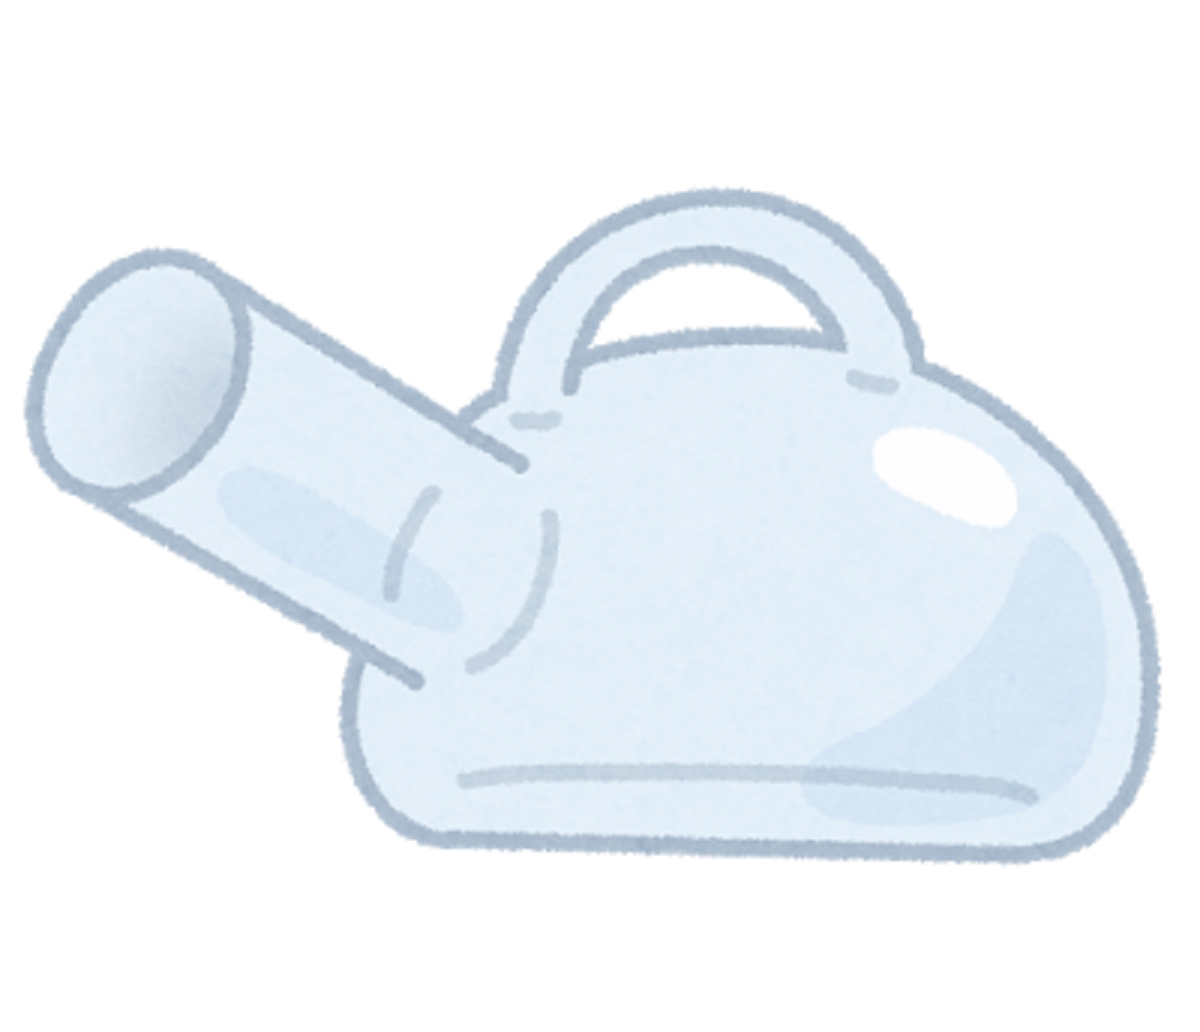 酸化マグネシウムと尿路結石 の予防について